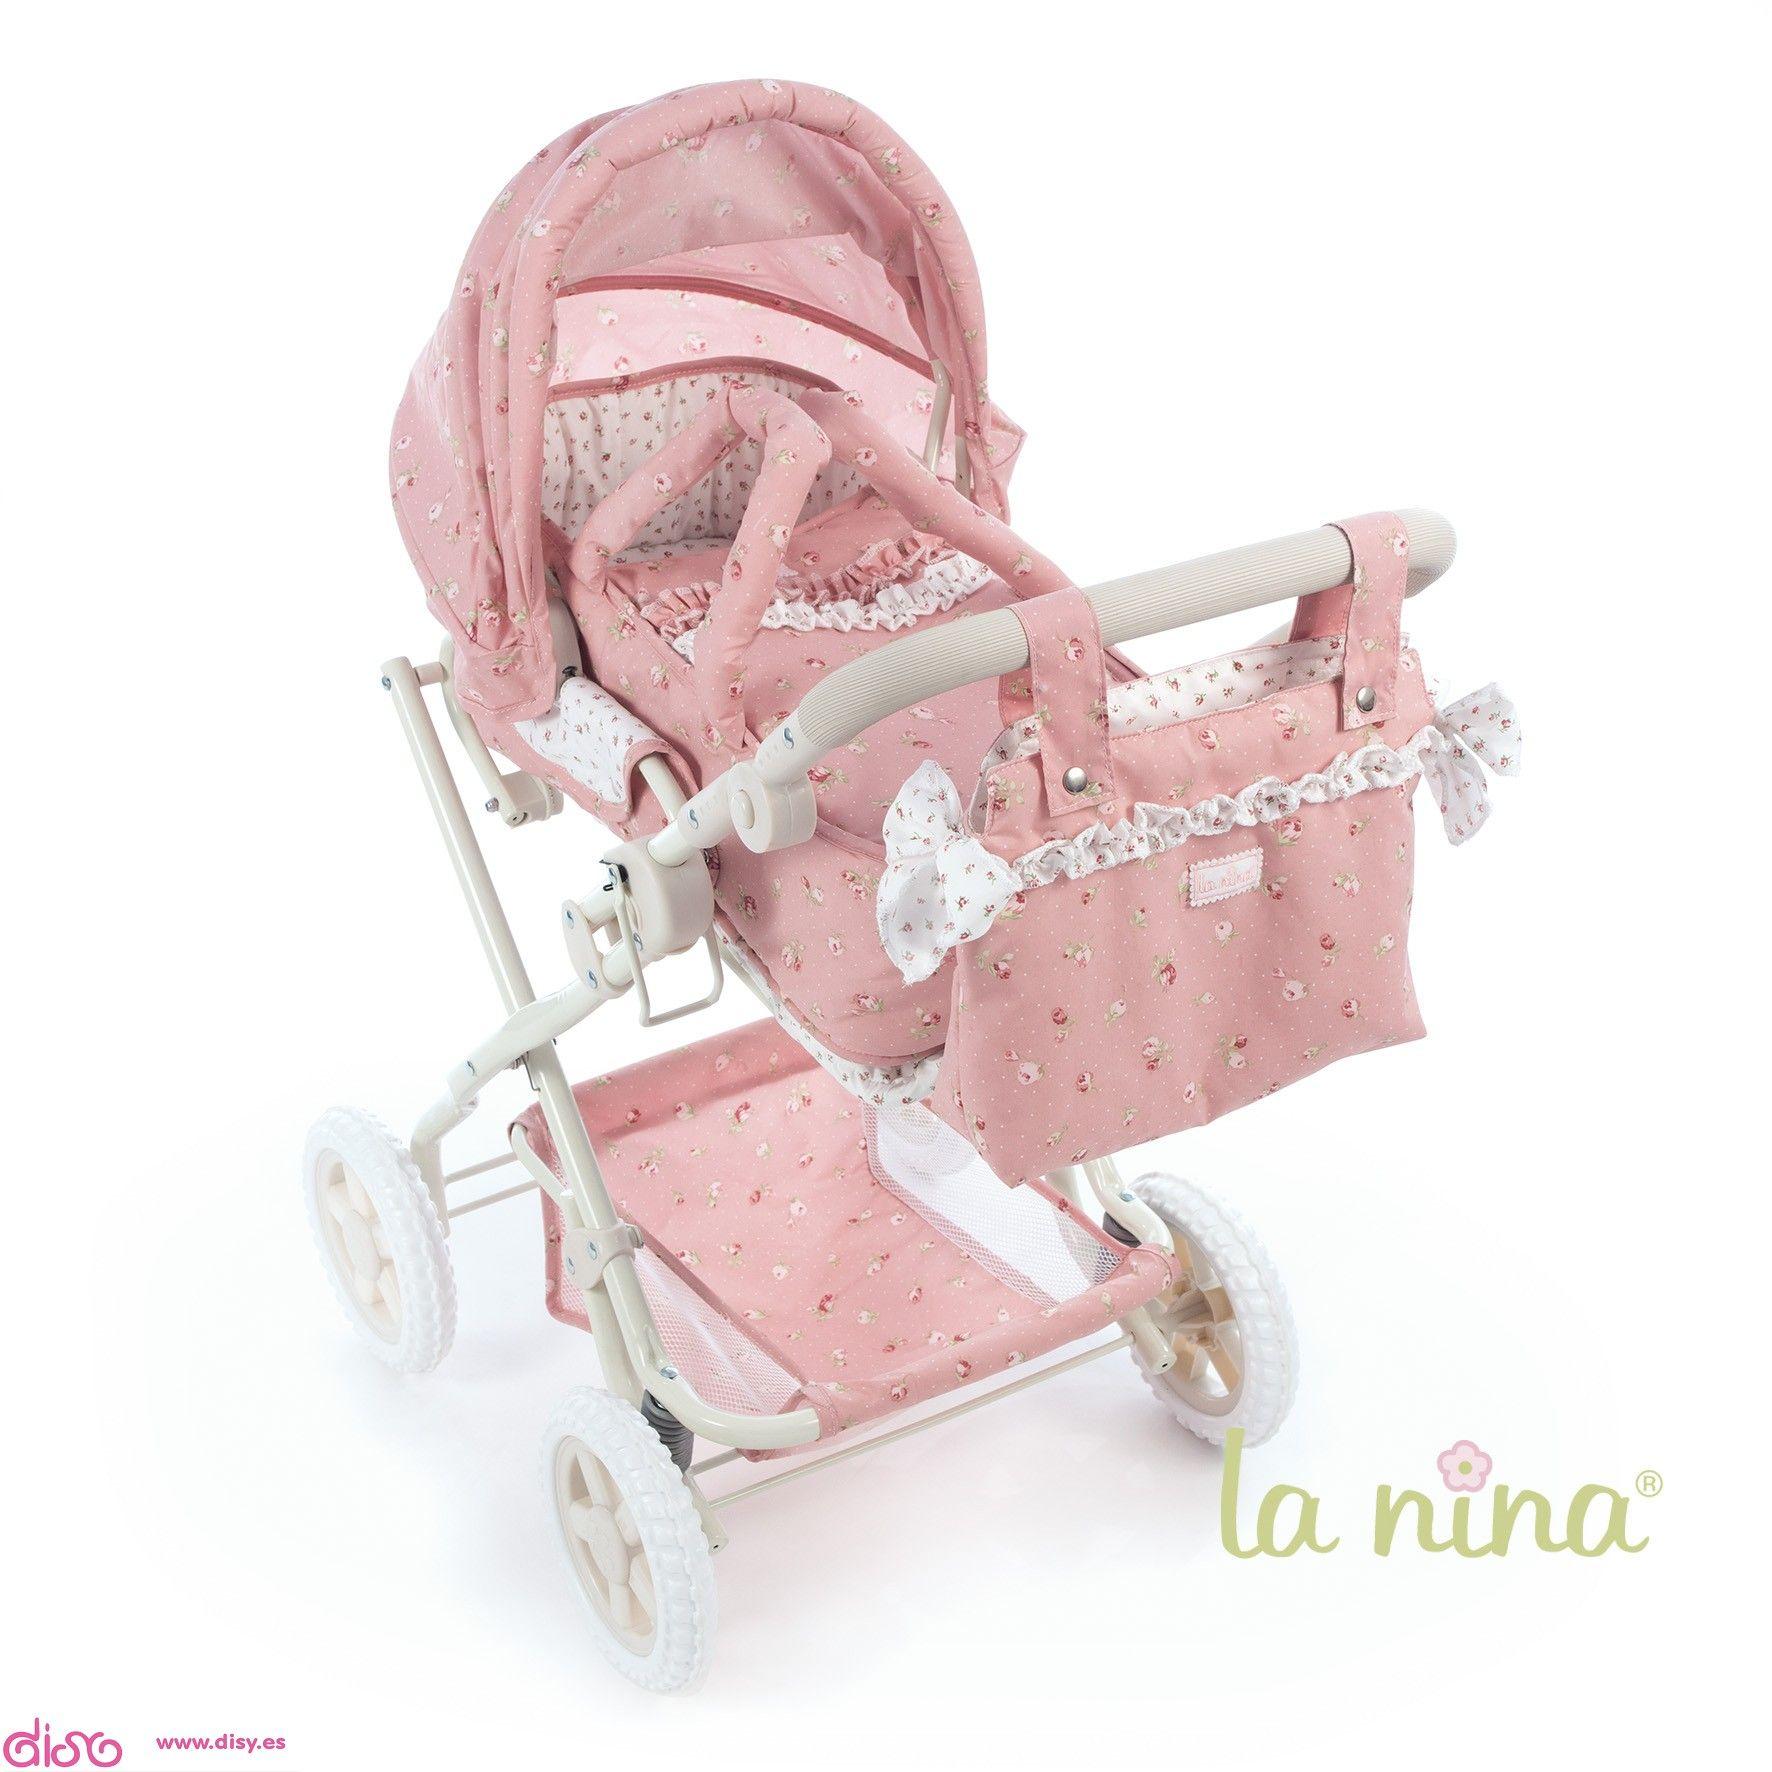 5e9c3b828 #carritosdemuñecas Cochecitos para muñecas La nina - Cuco grande (2 en 1)  con